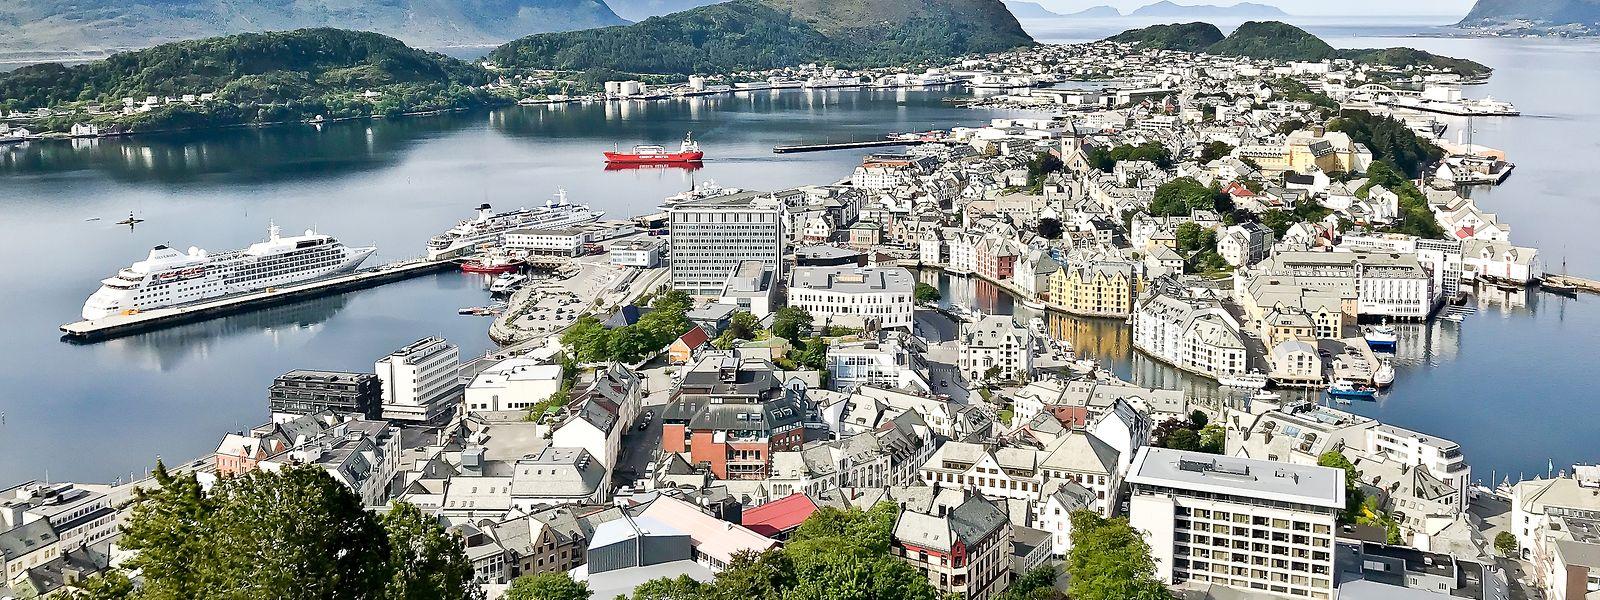 Ålesund est un port de mer à 230 kilomètres au nord-est de Bergen. La ville est renommée pour son architecture de style art nouveau, ce qui lui a valu d'être considérée comme la plus belle ville de Norvège.